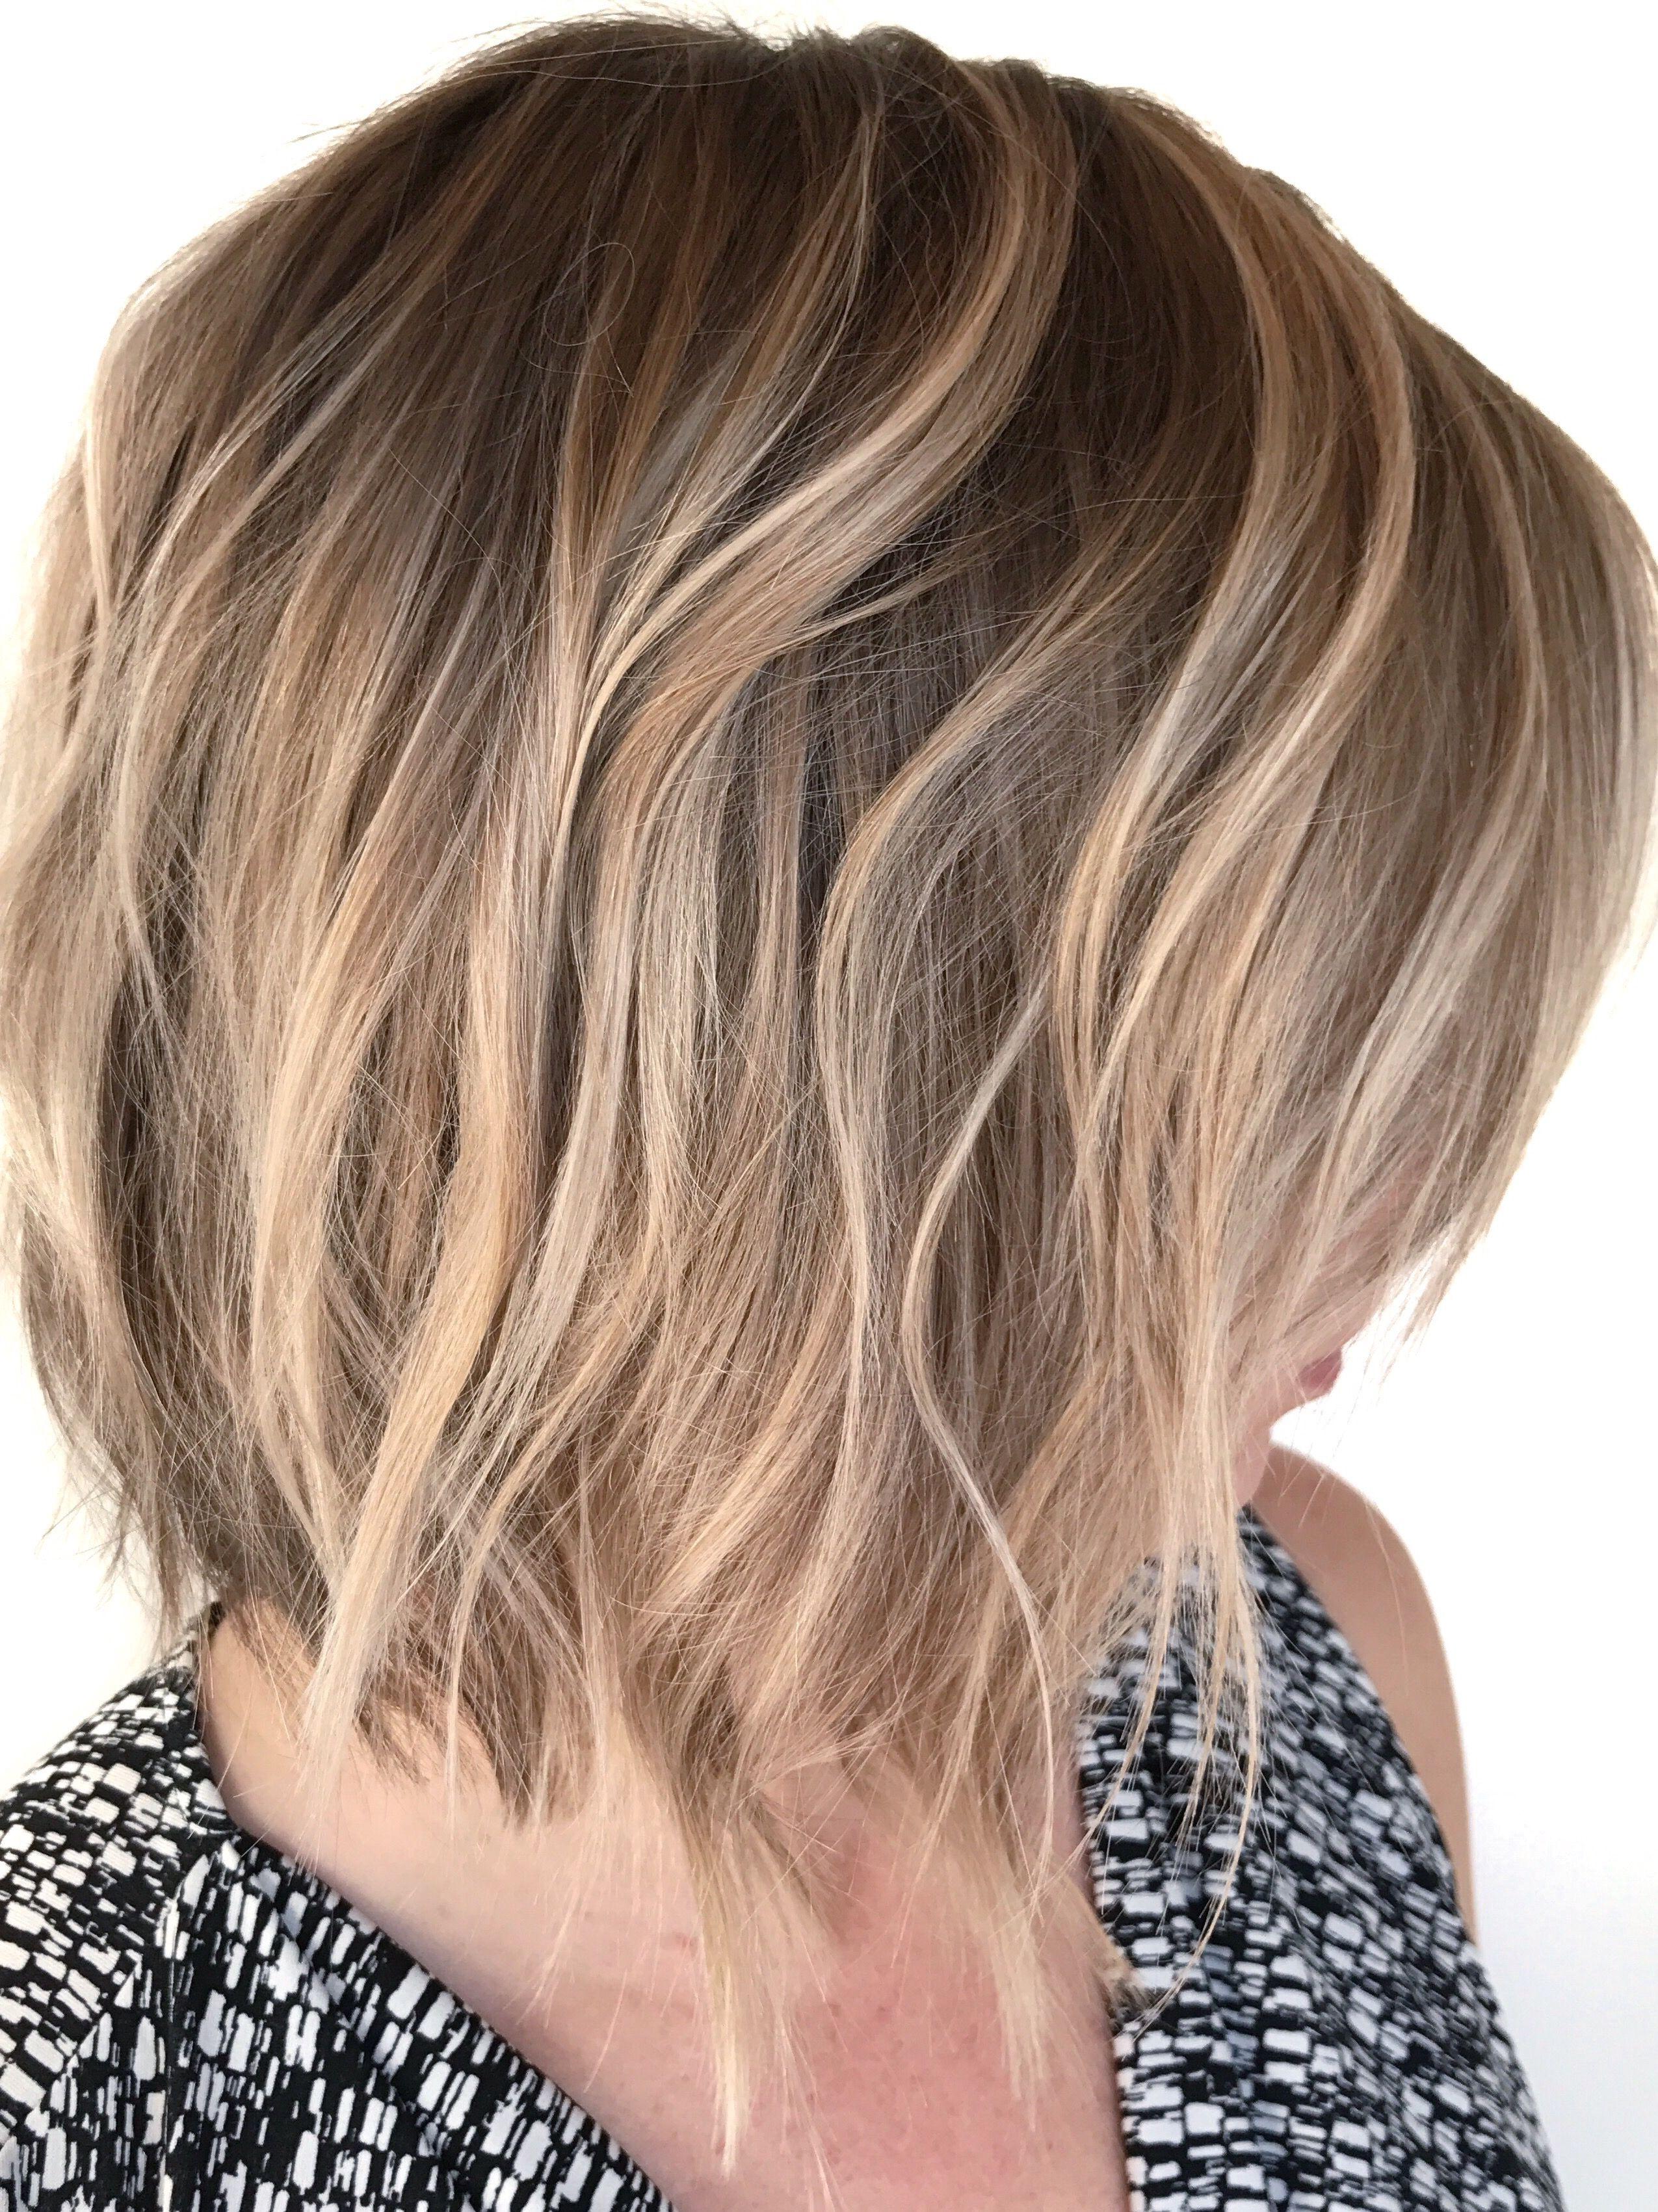 Blonde Balayage Natural Blonde Highlights Short Hair Balayage Sandy Blonde Blonde Highlights Short Hair Short Hair Highlights Brown Hair Balayage